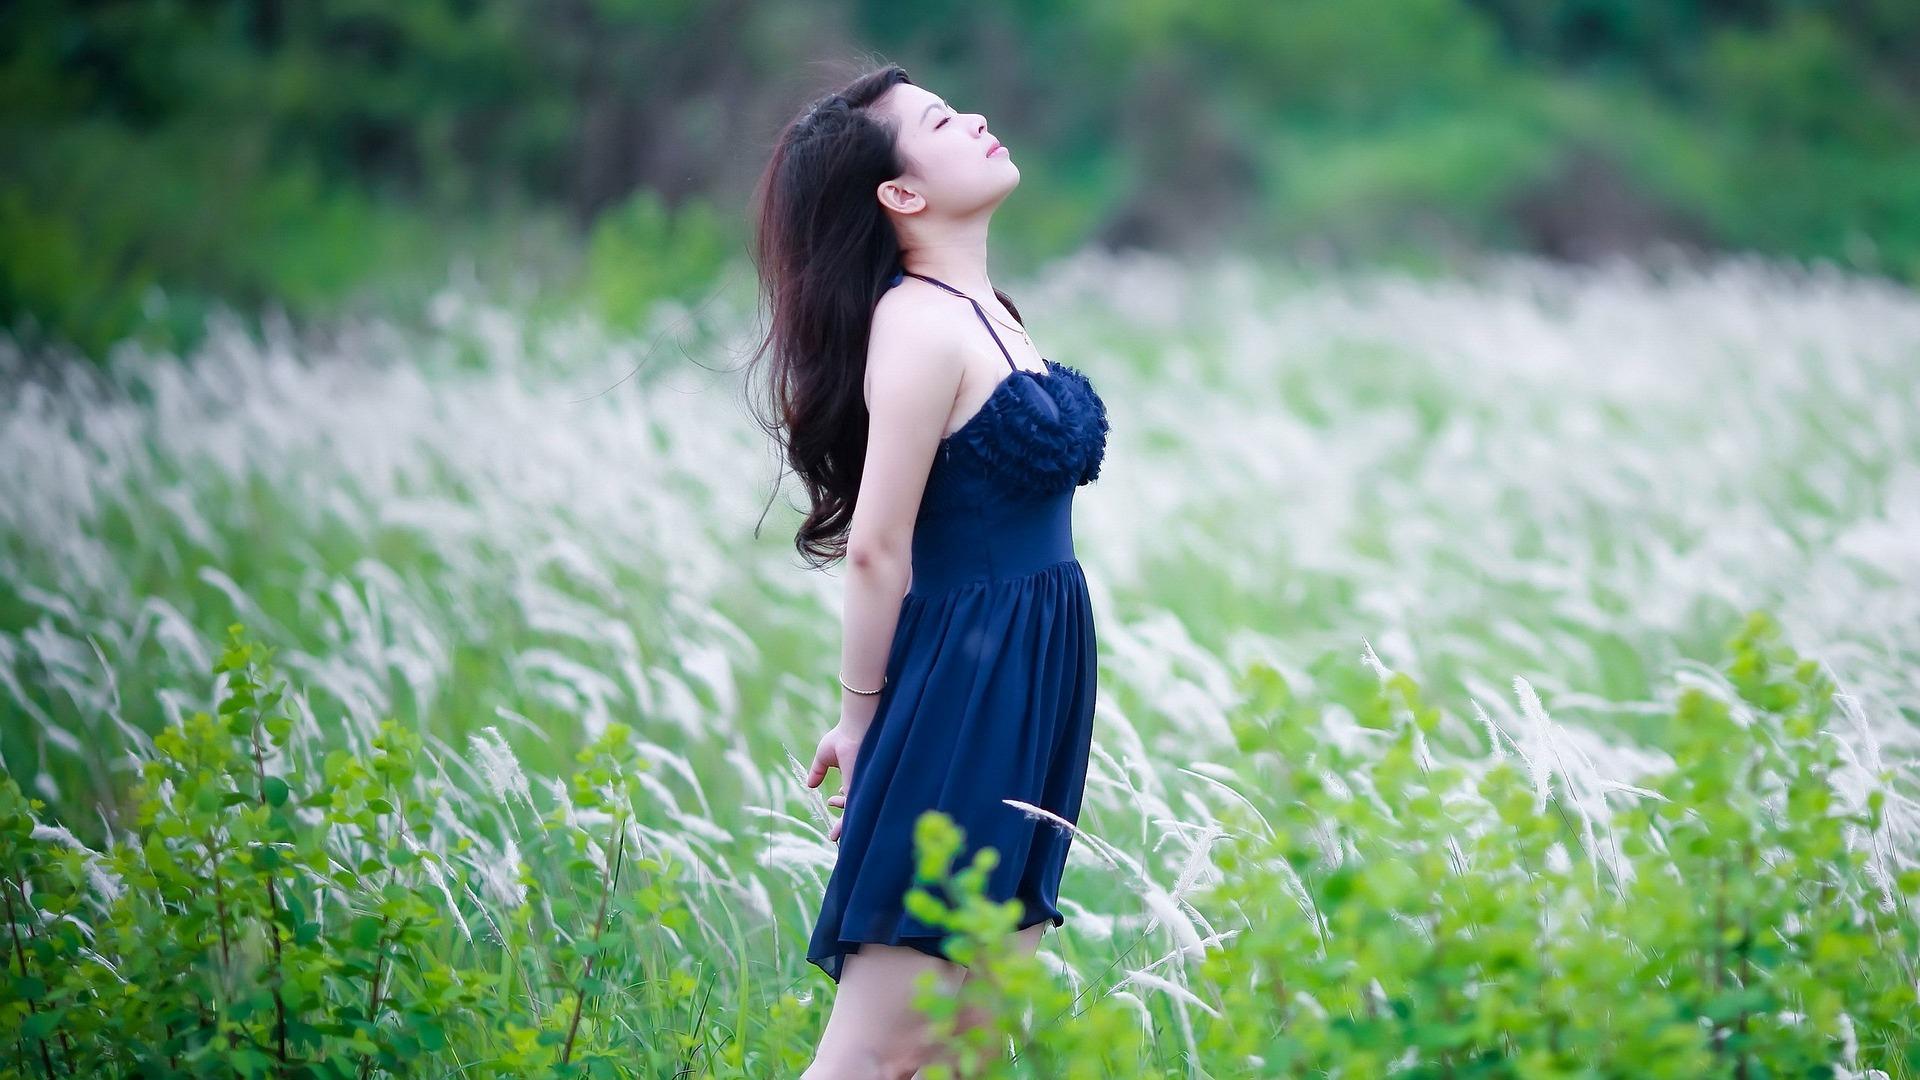 Woman in Field Image